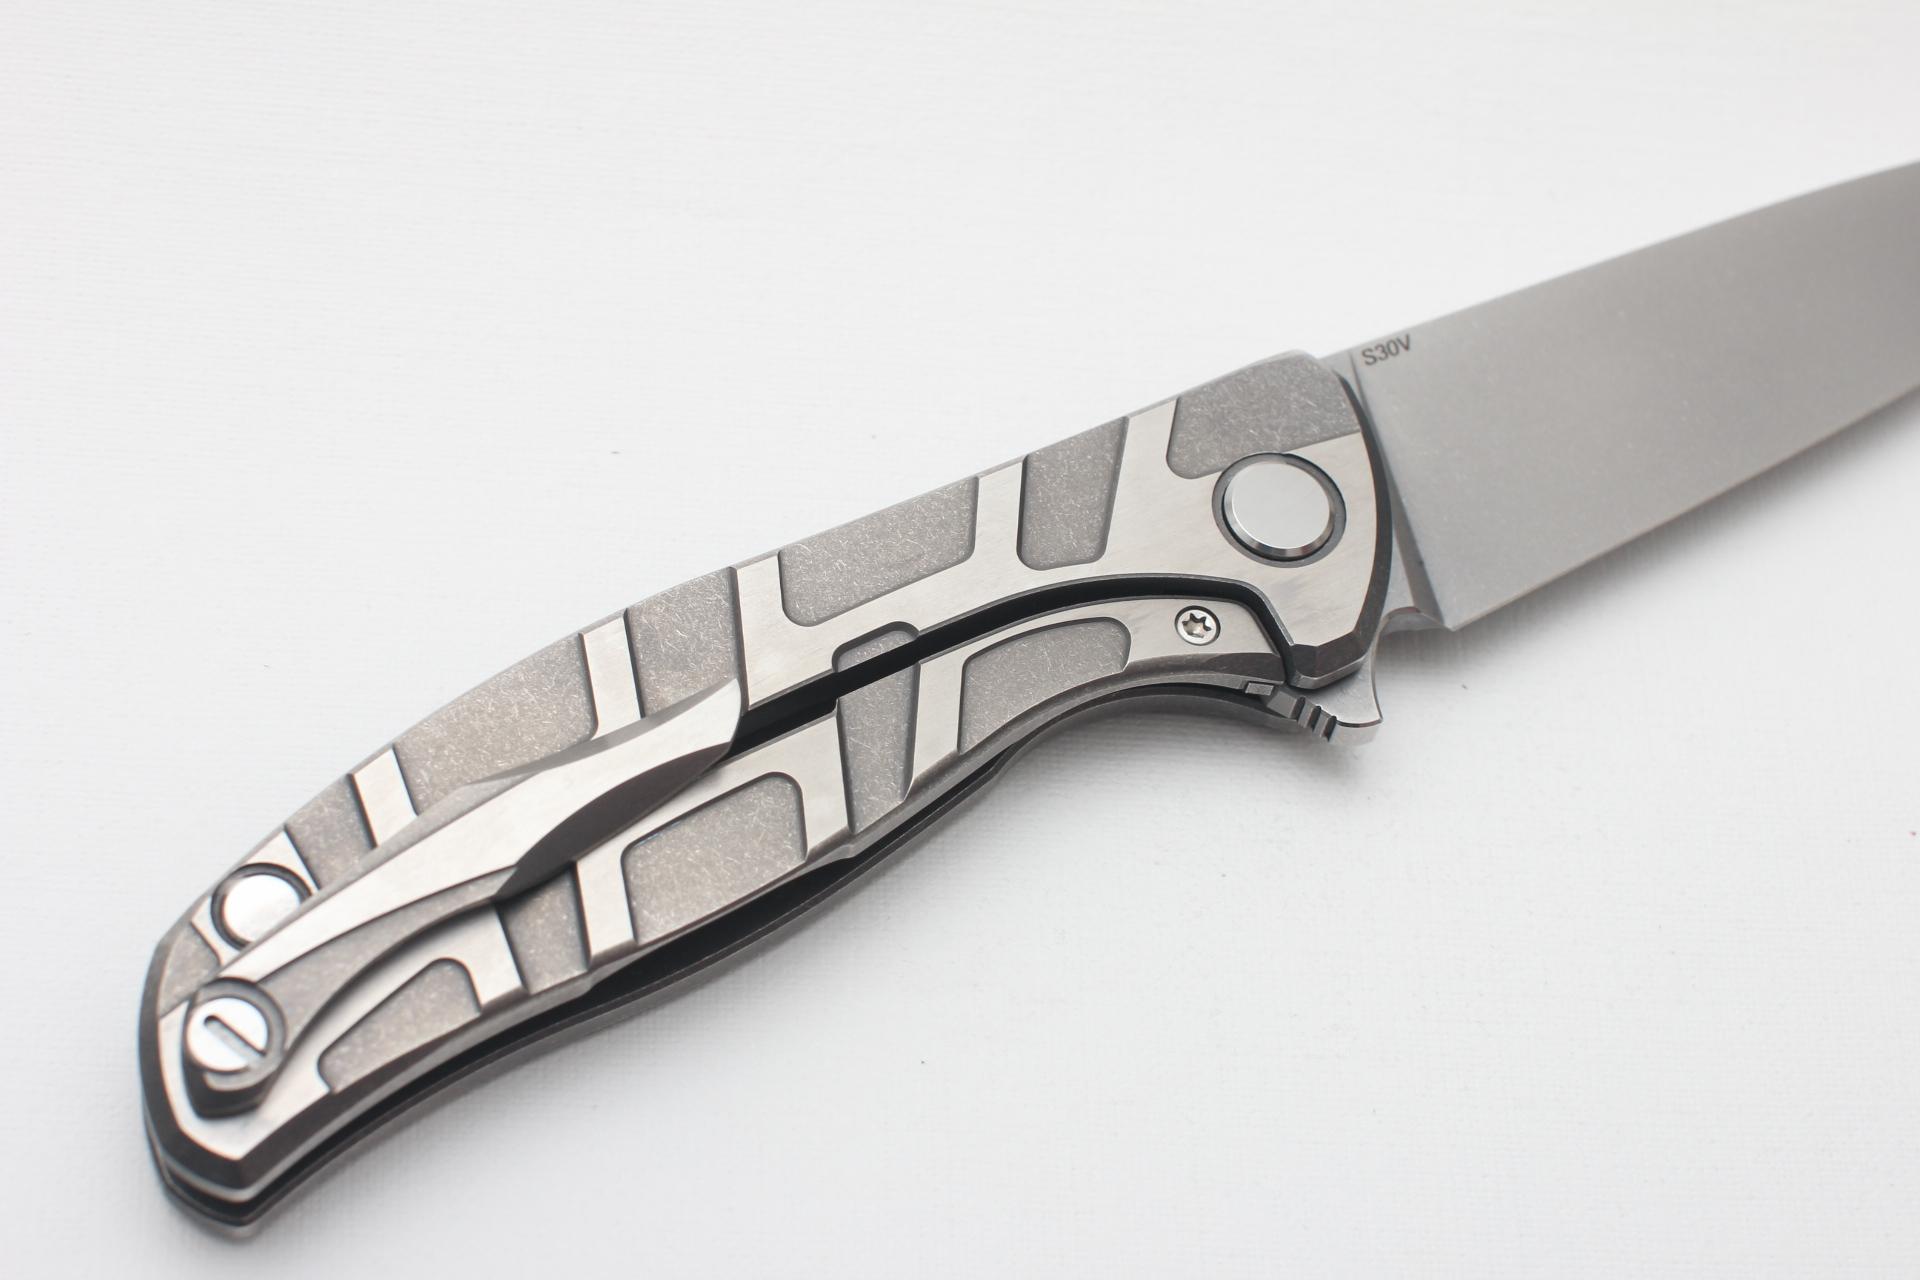 Нож Широгоров Flipper 95 S30V Т узор сатинирование подшипники - фотография